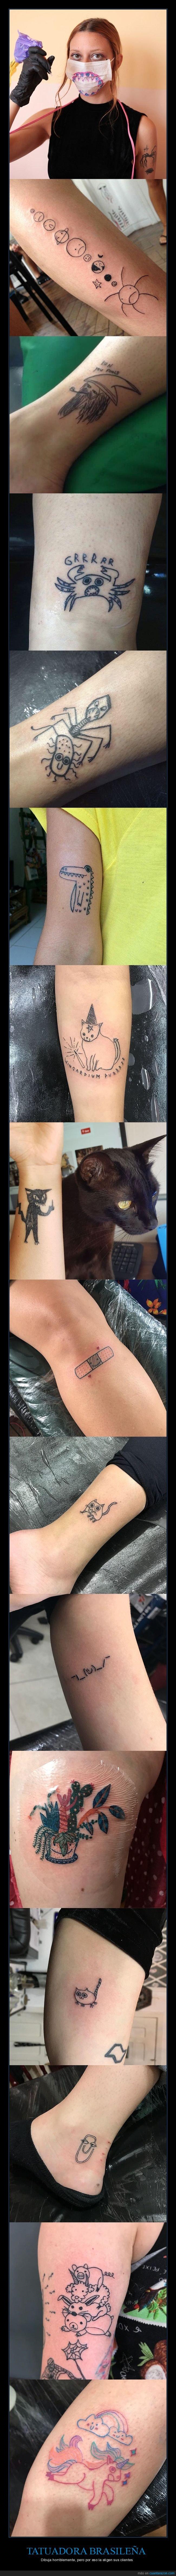 dibujar mal,tatuadora,tatuajes